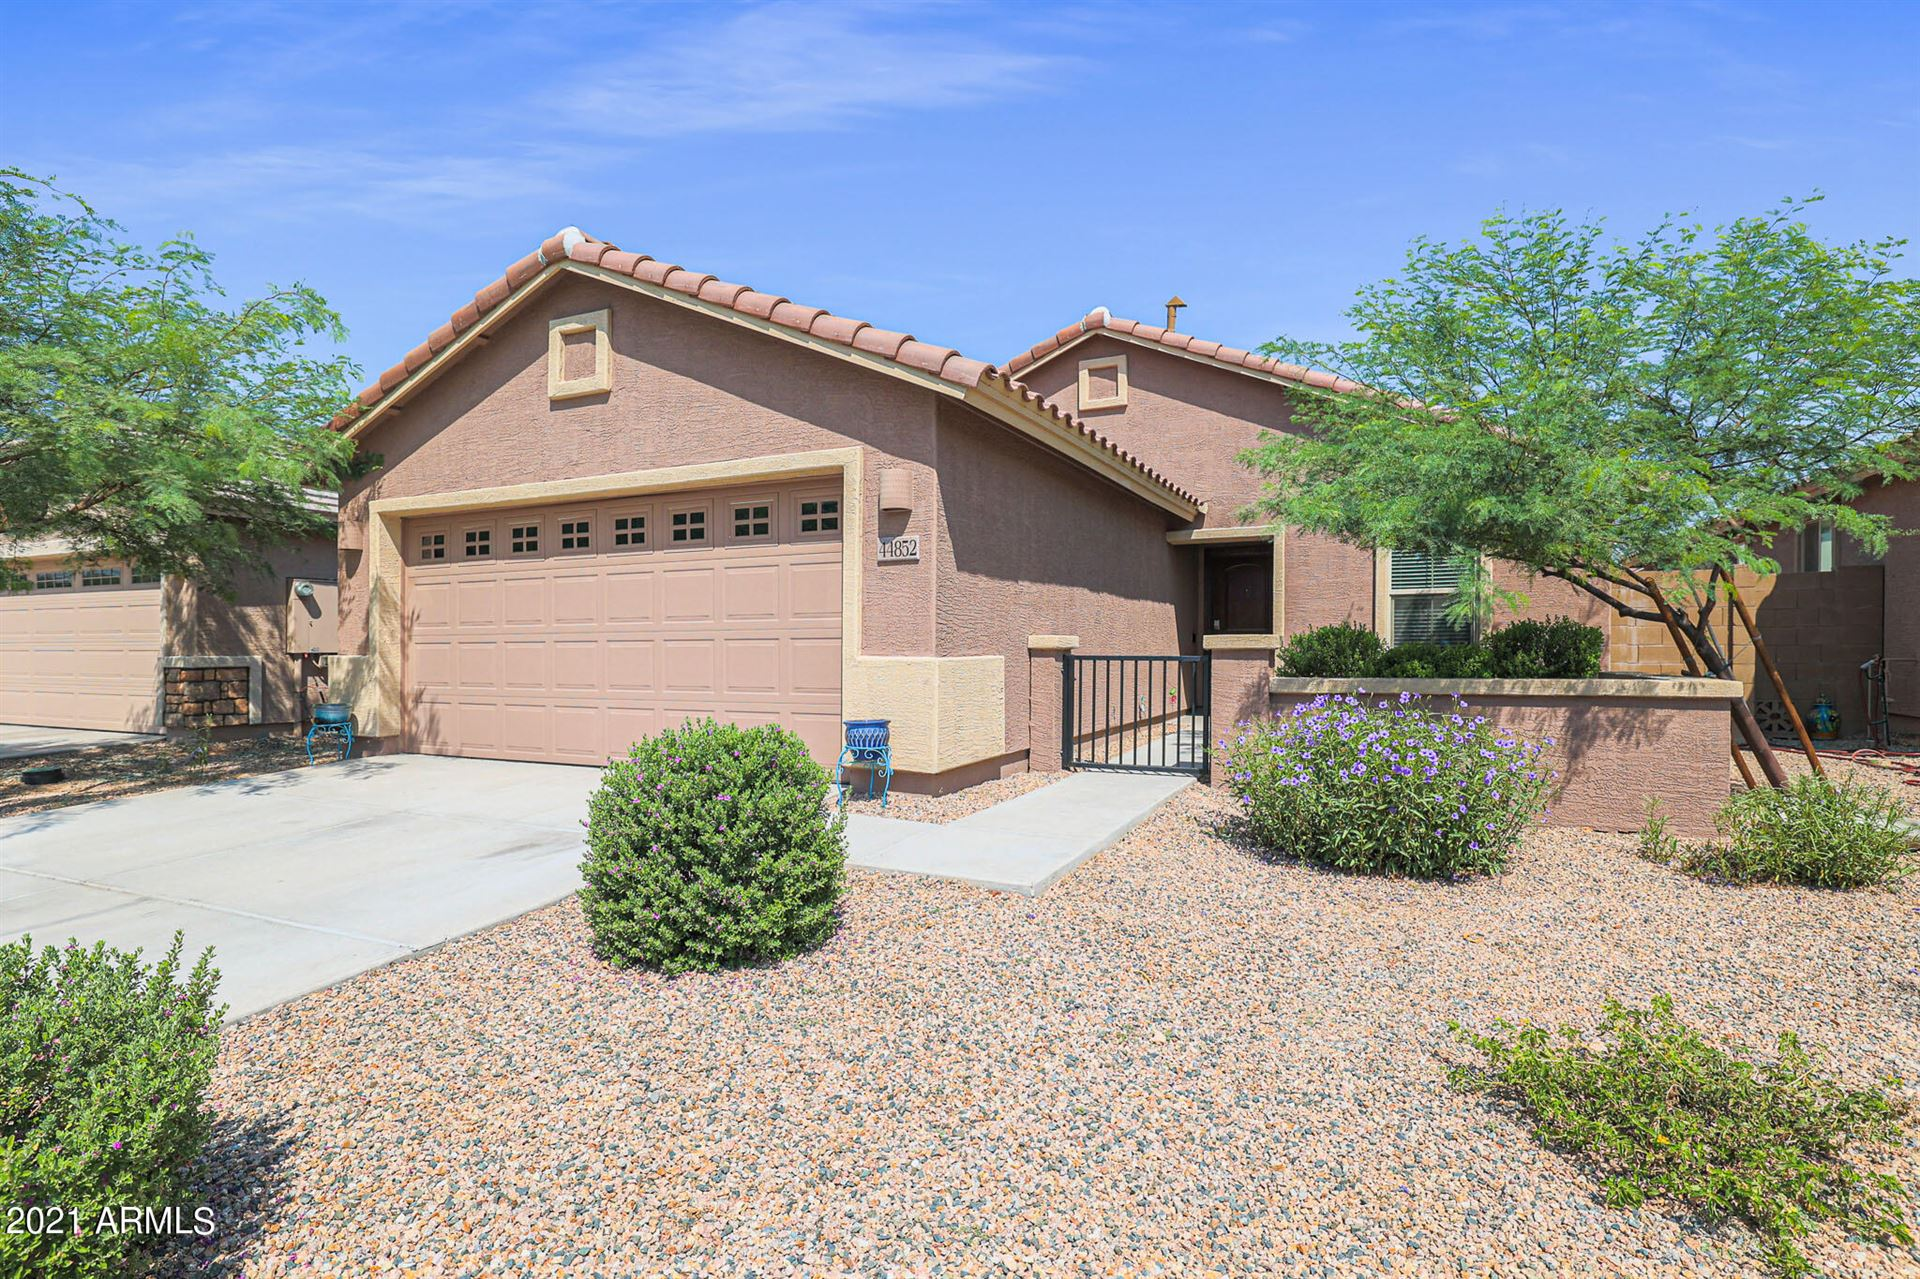 Photo of 44852 W Horse Mesa Road, Maricopa, AZ 85139 (MLS # 6295162)